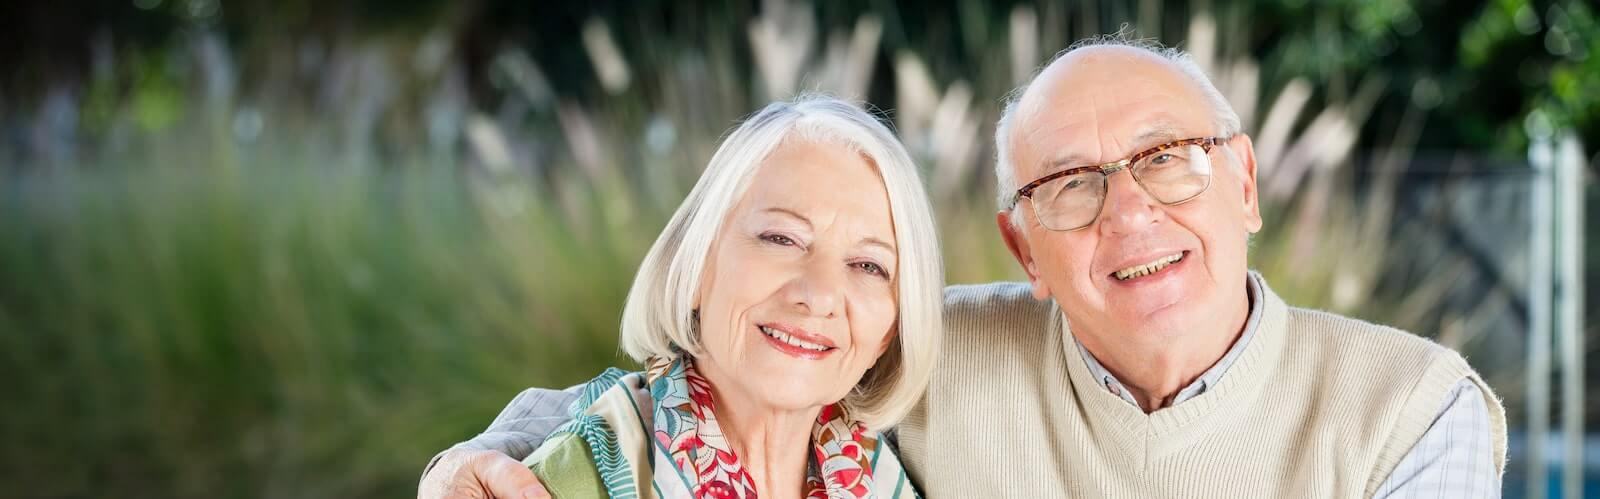 senior couple smiling sitting outside